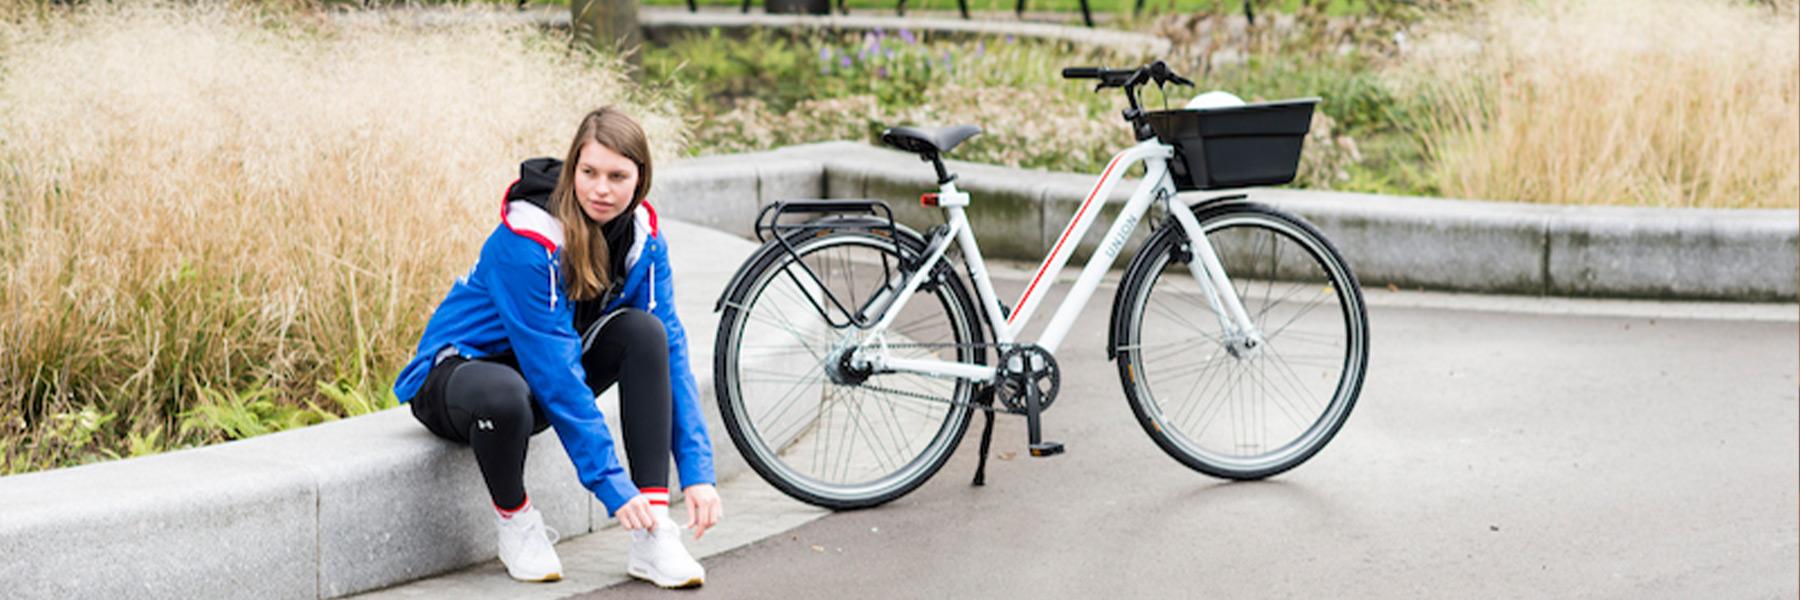 Meisje naast Union fiets